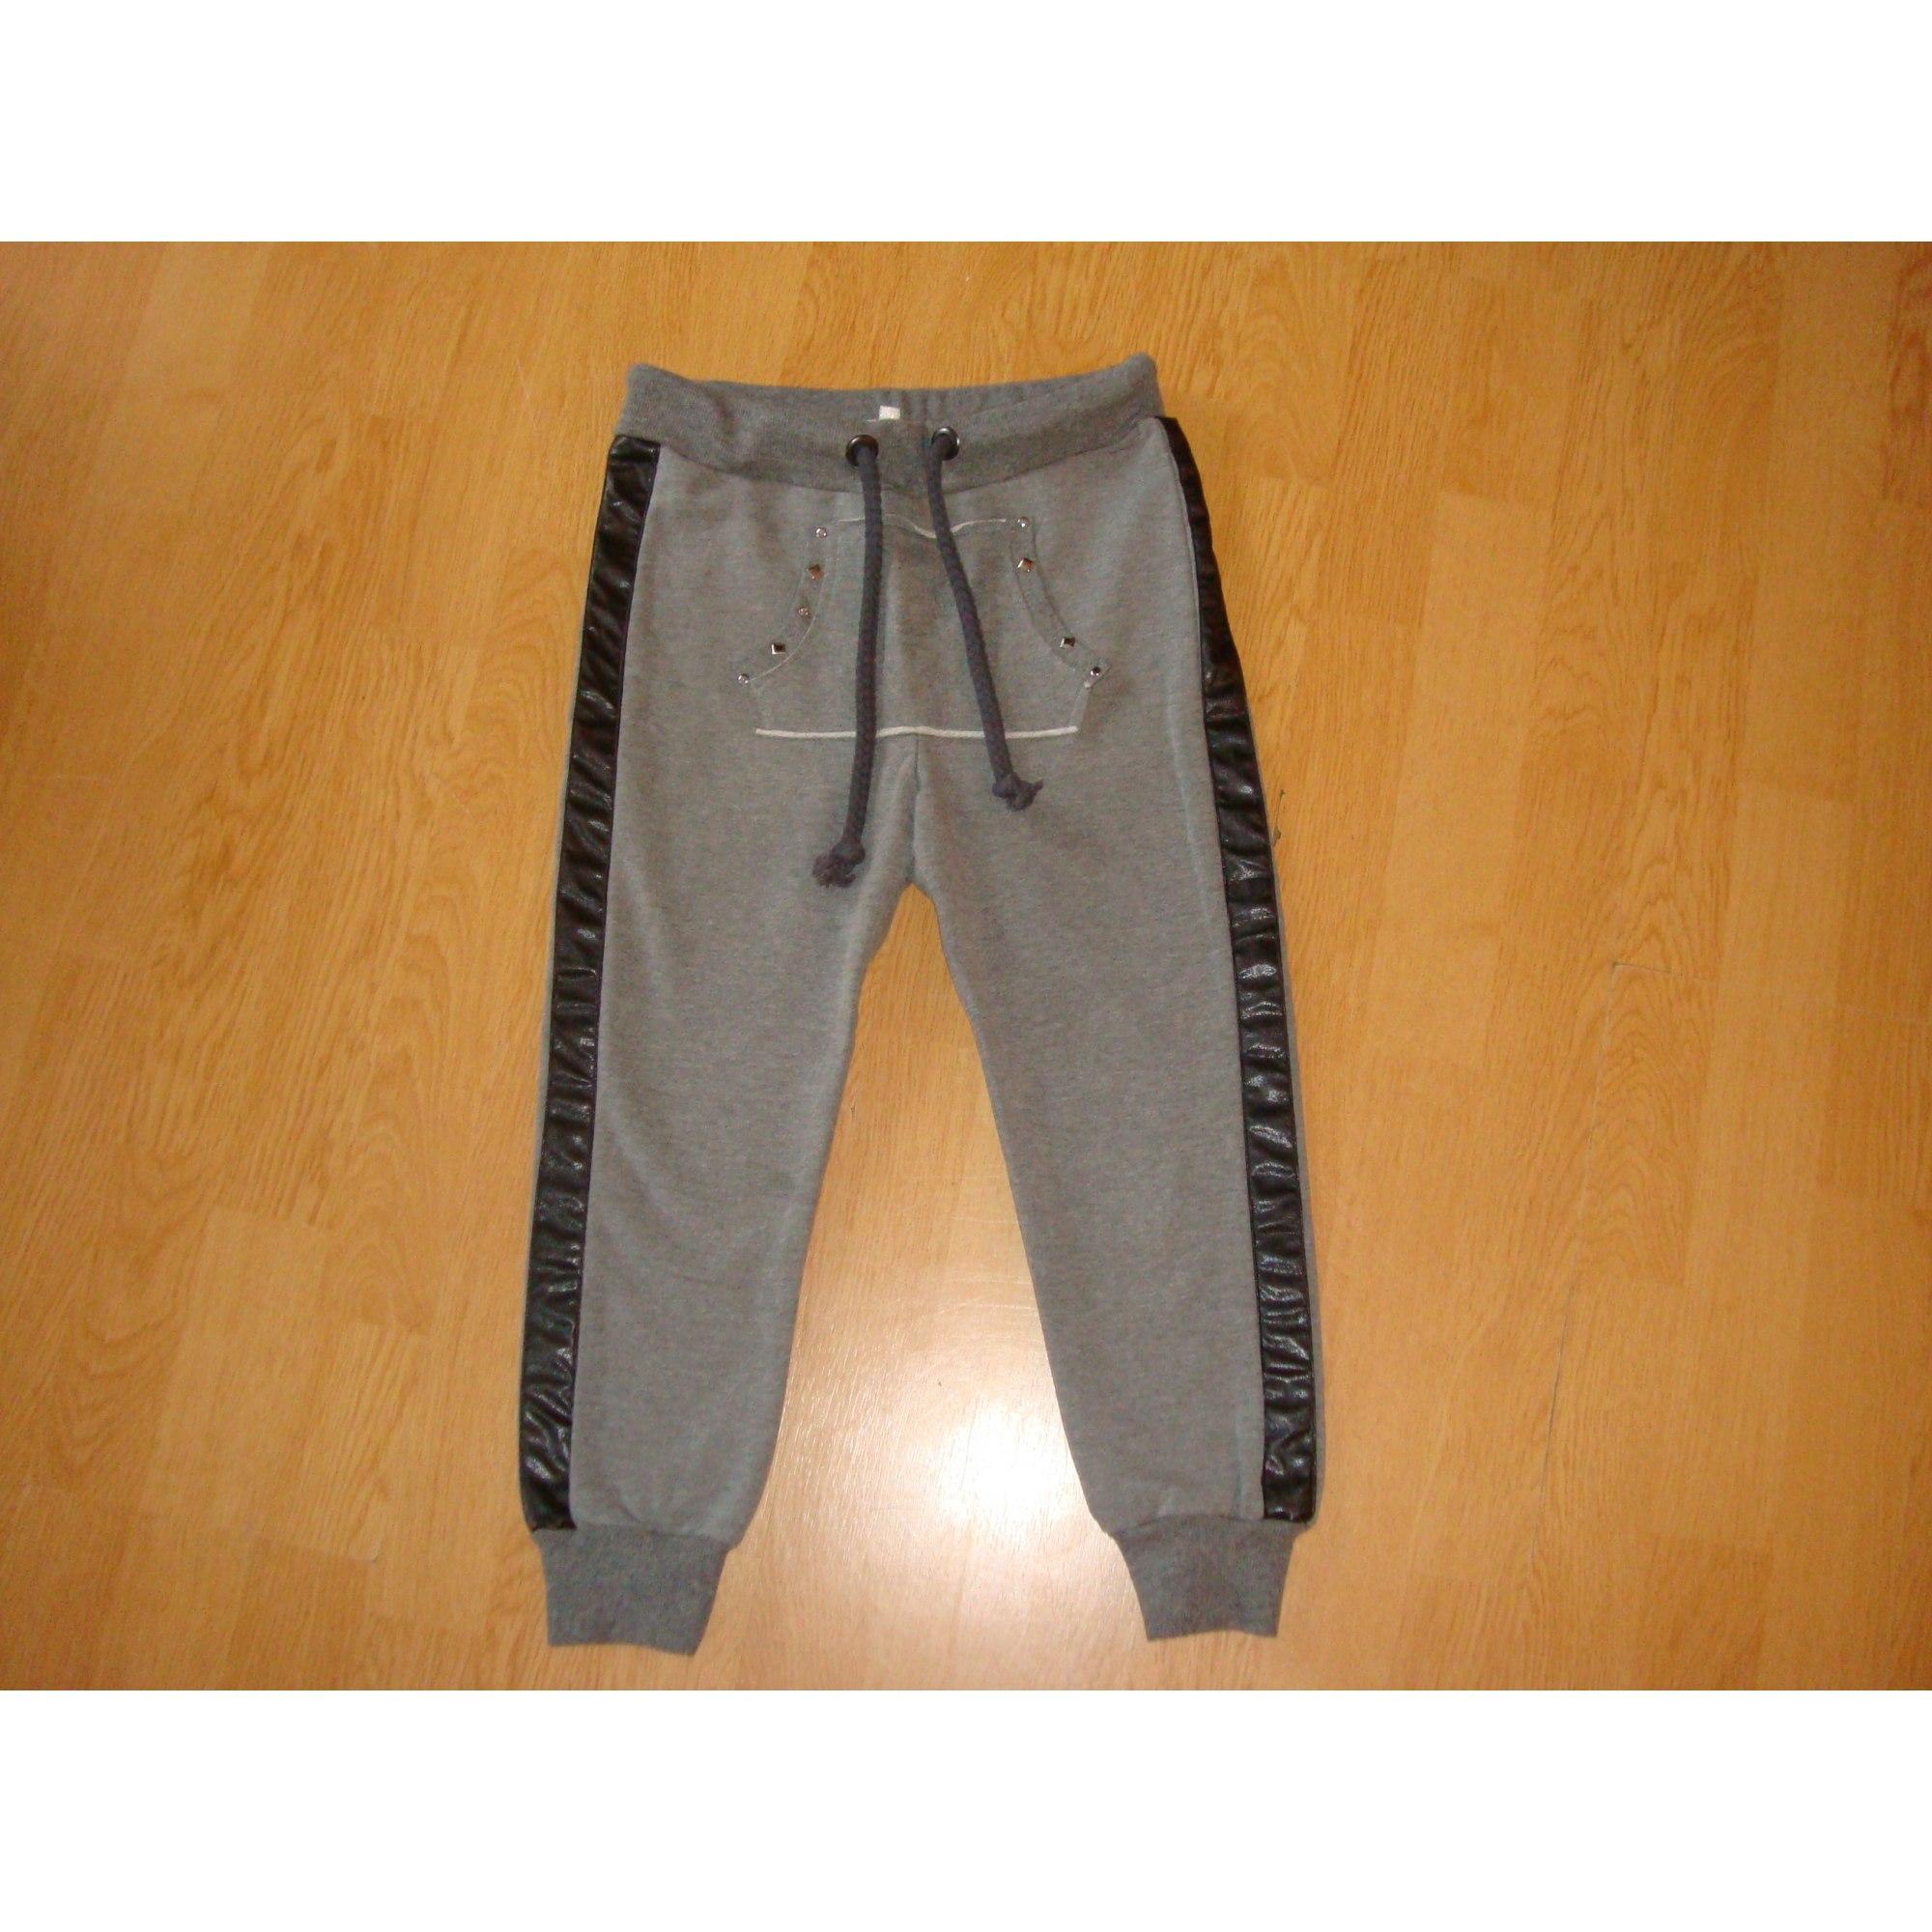 Pantalon MARQUE INCONNUE Gris, anthracite